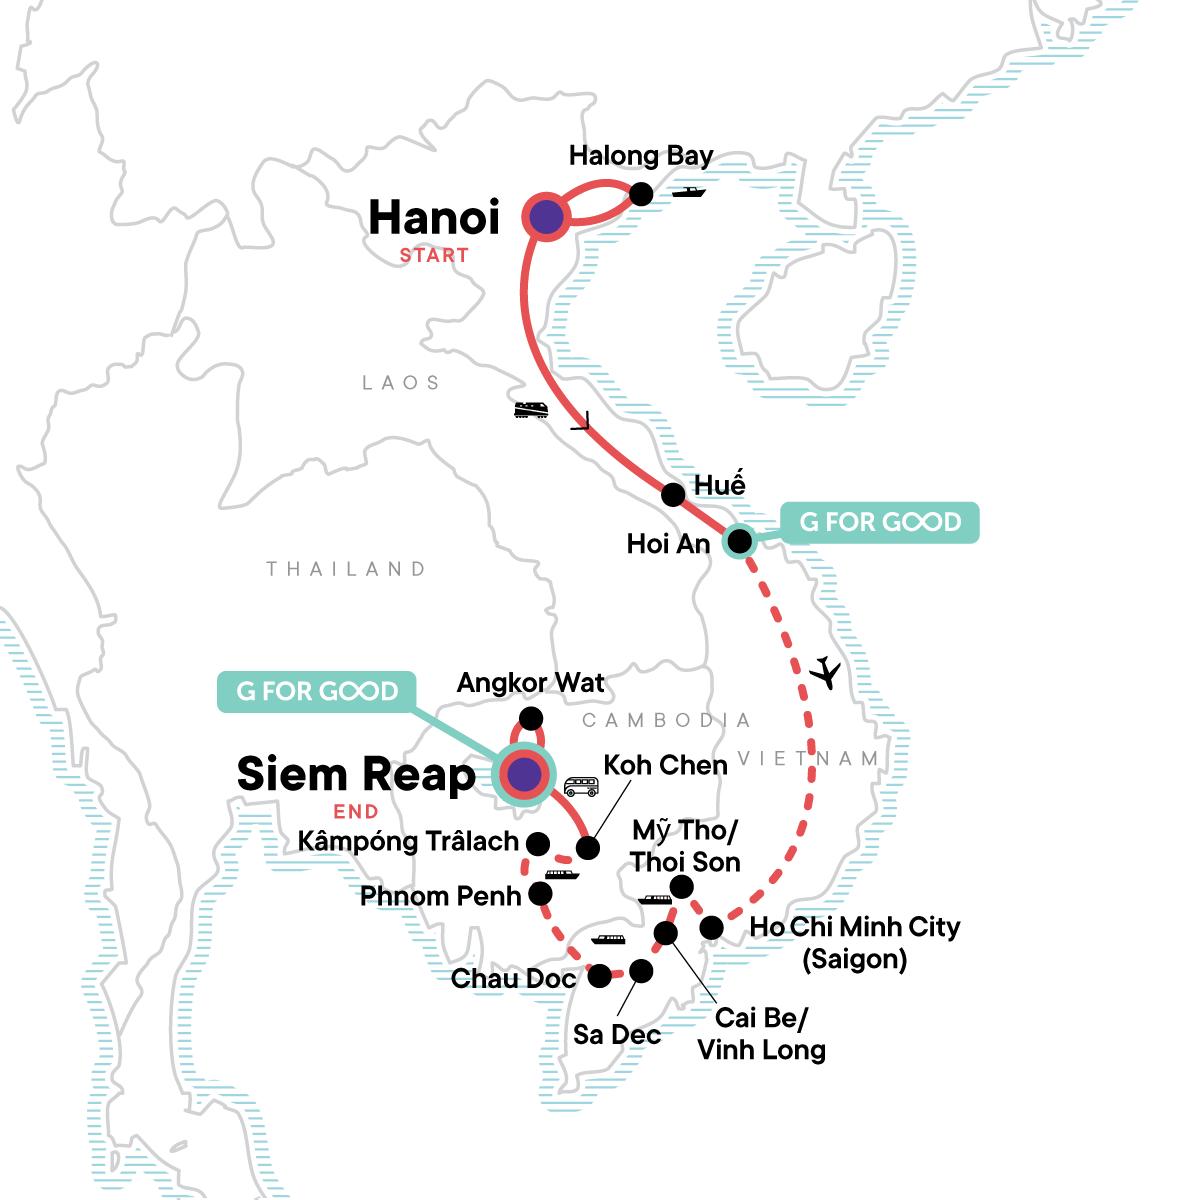 Classic Vietnam & Mekong River Adventure Map